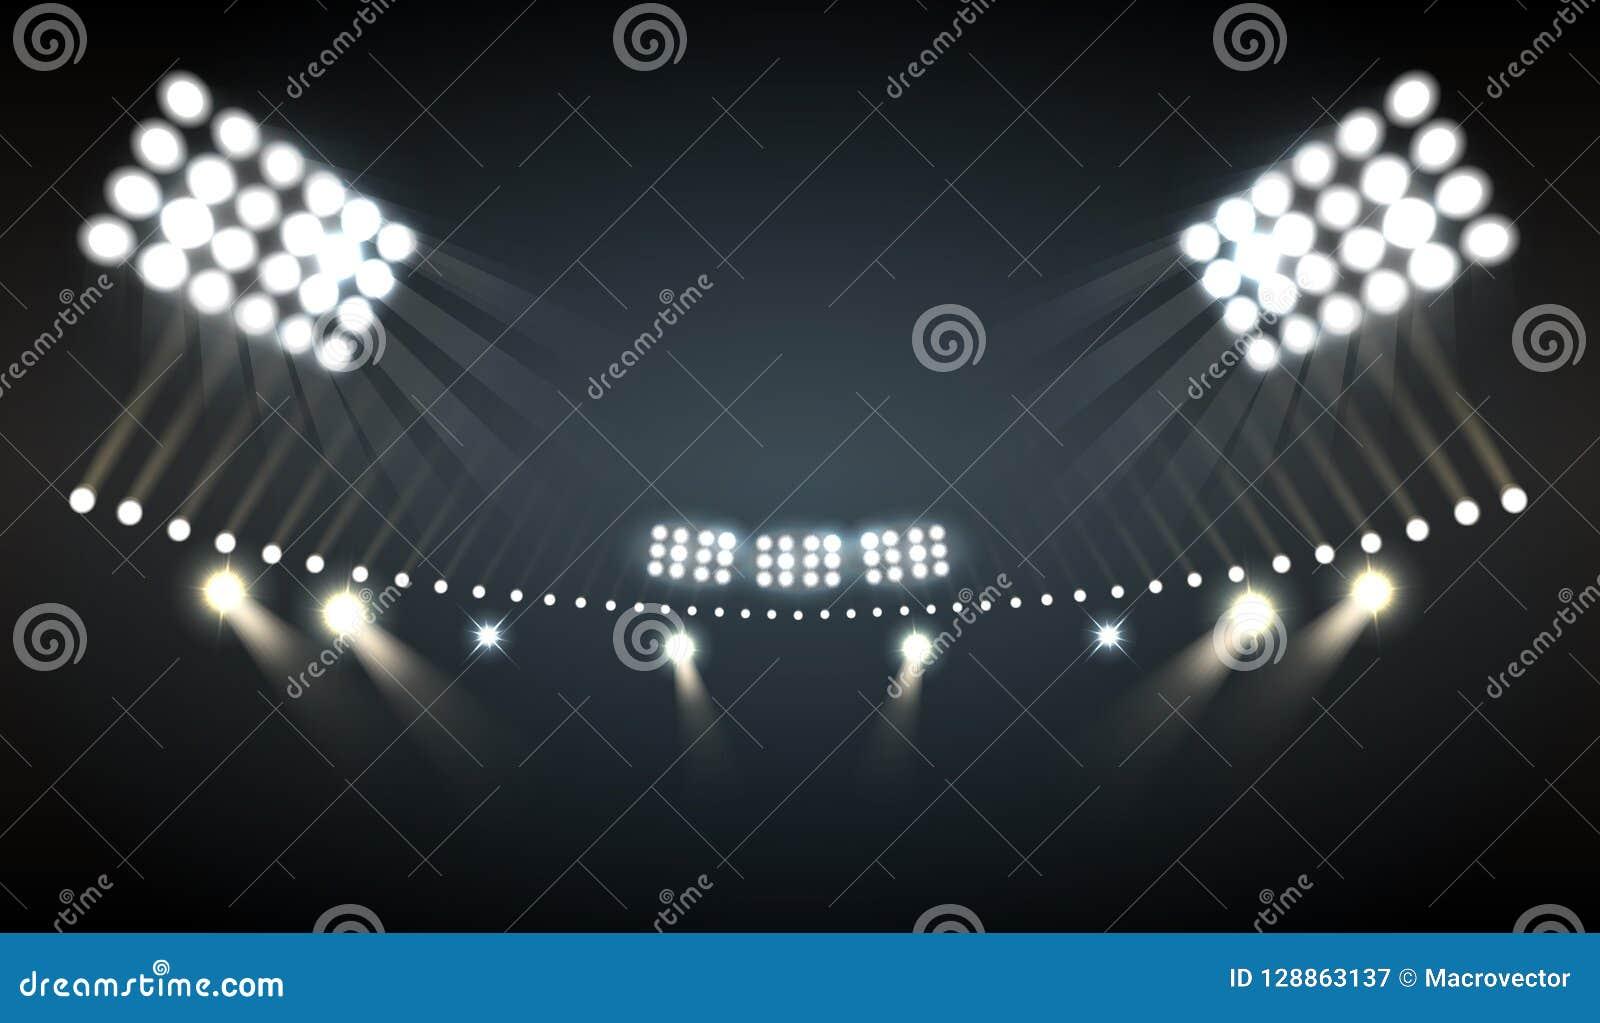 Stadion tänder bakgrund